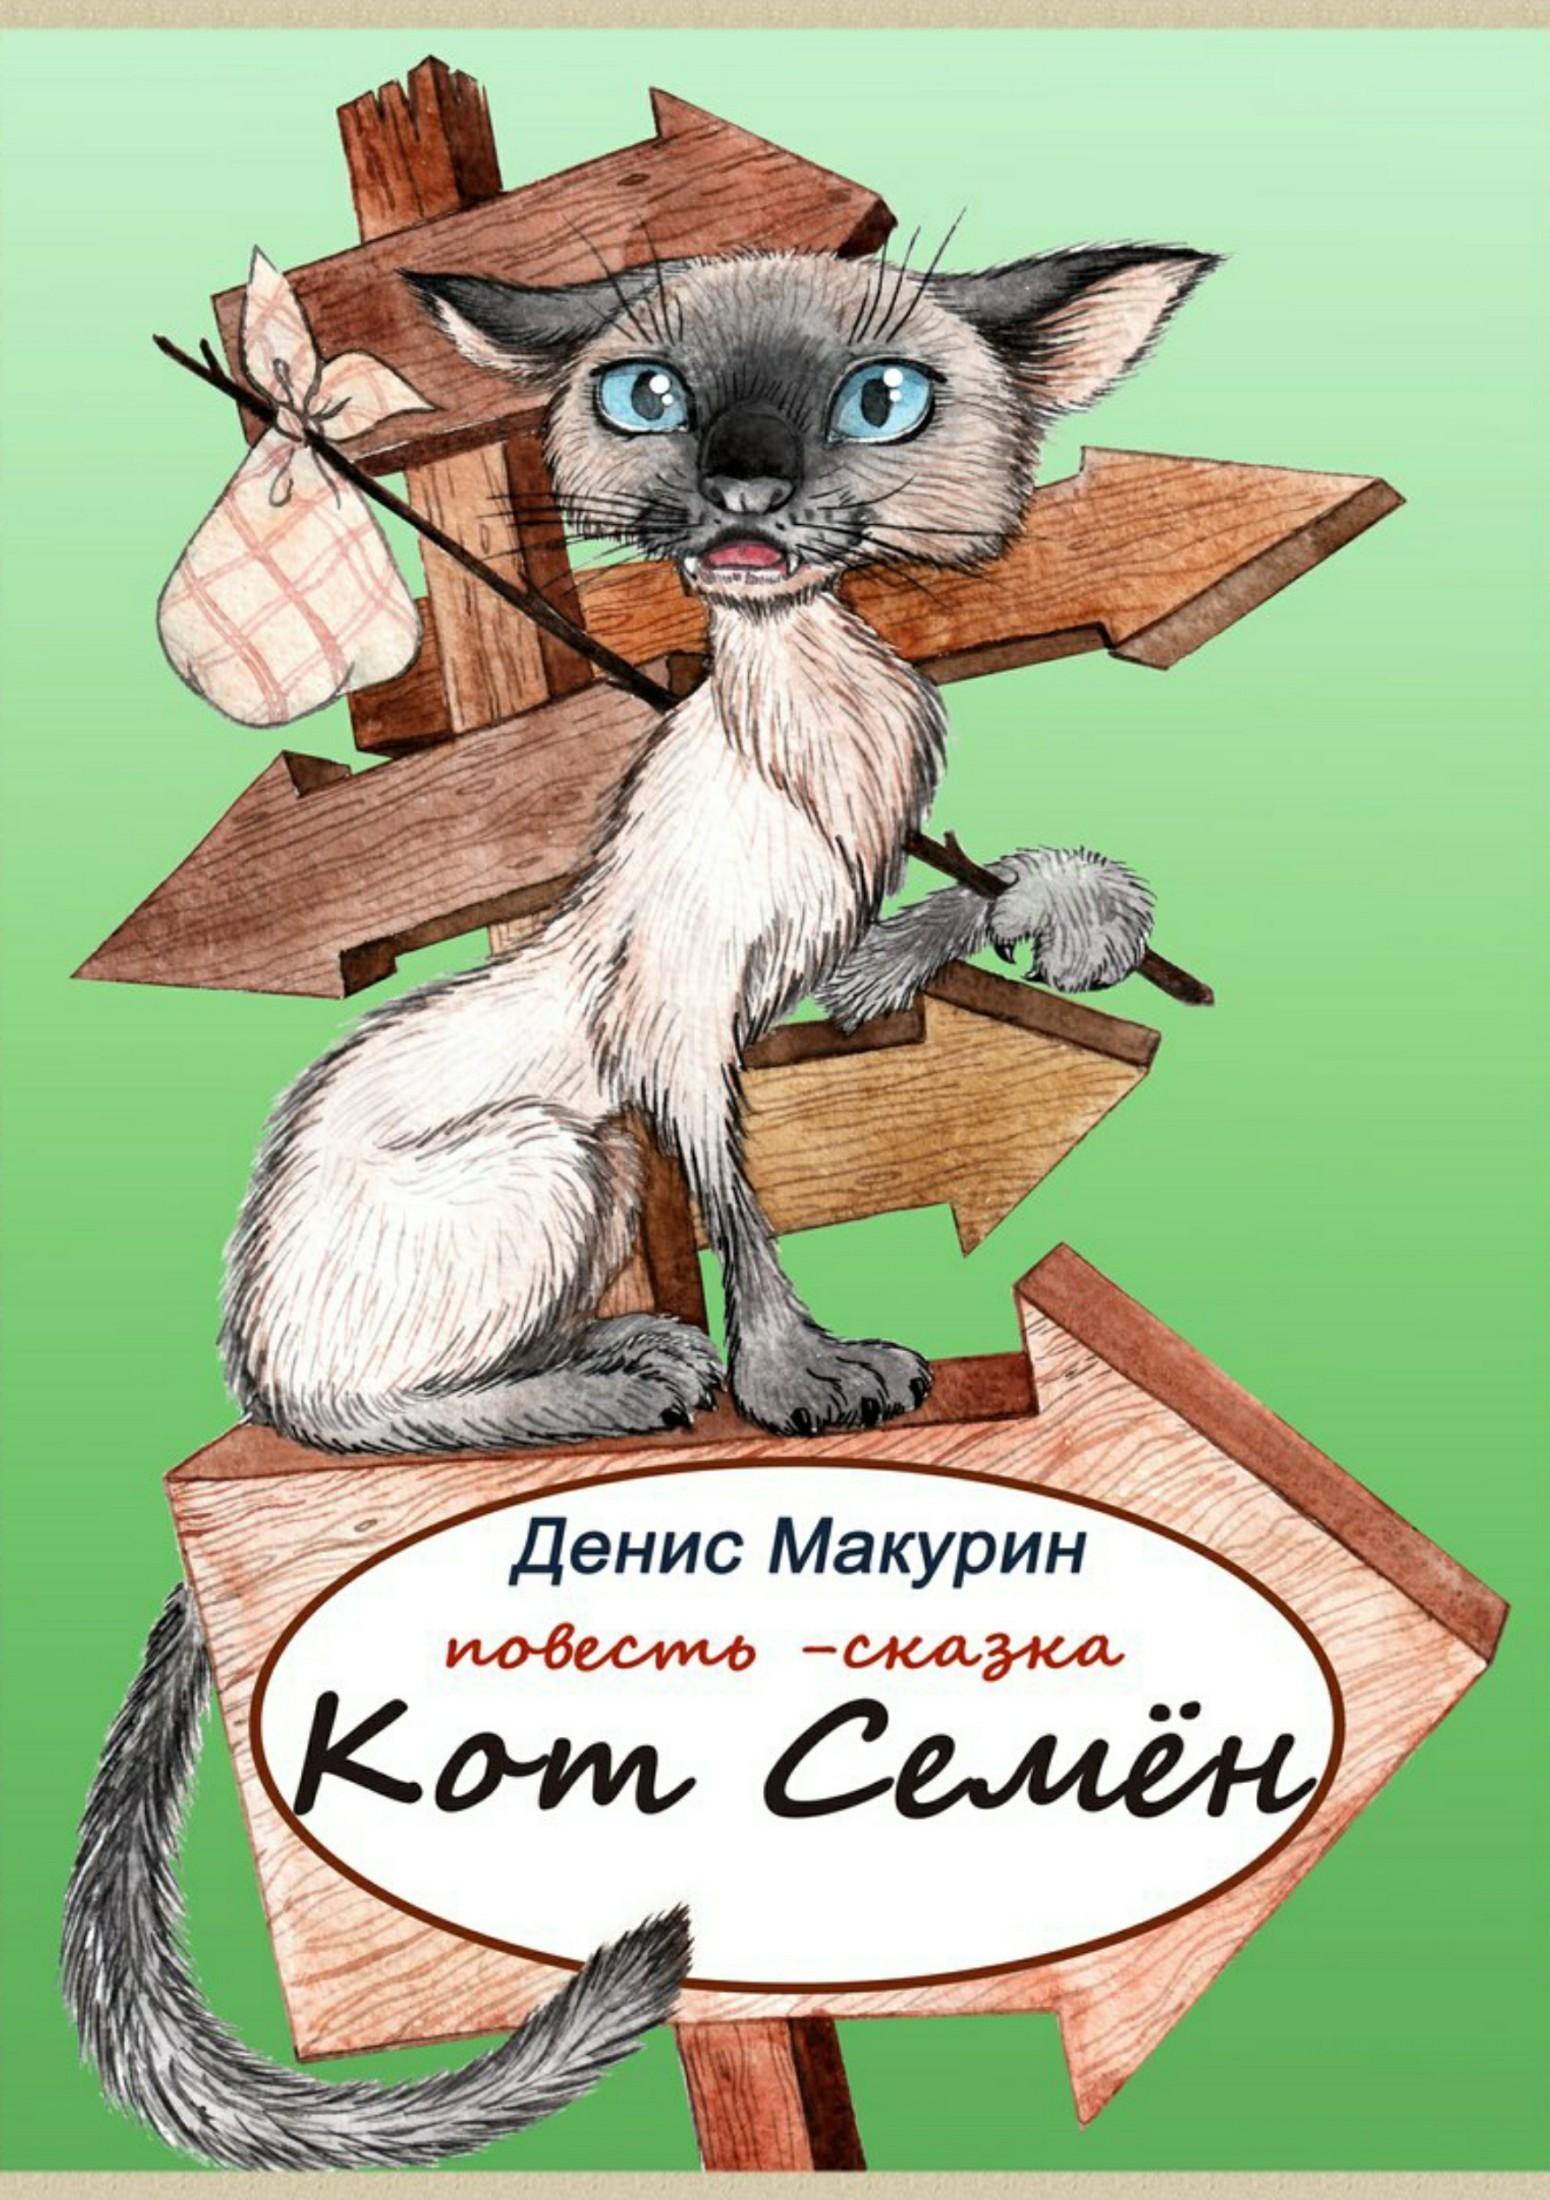 Денис Макурин - Кот Семён